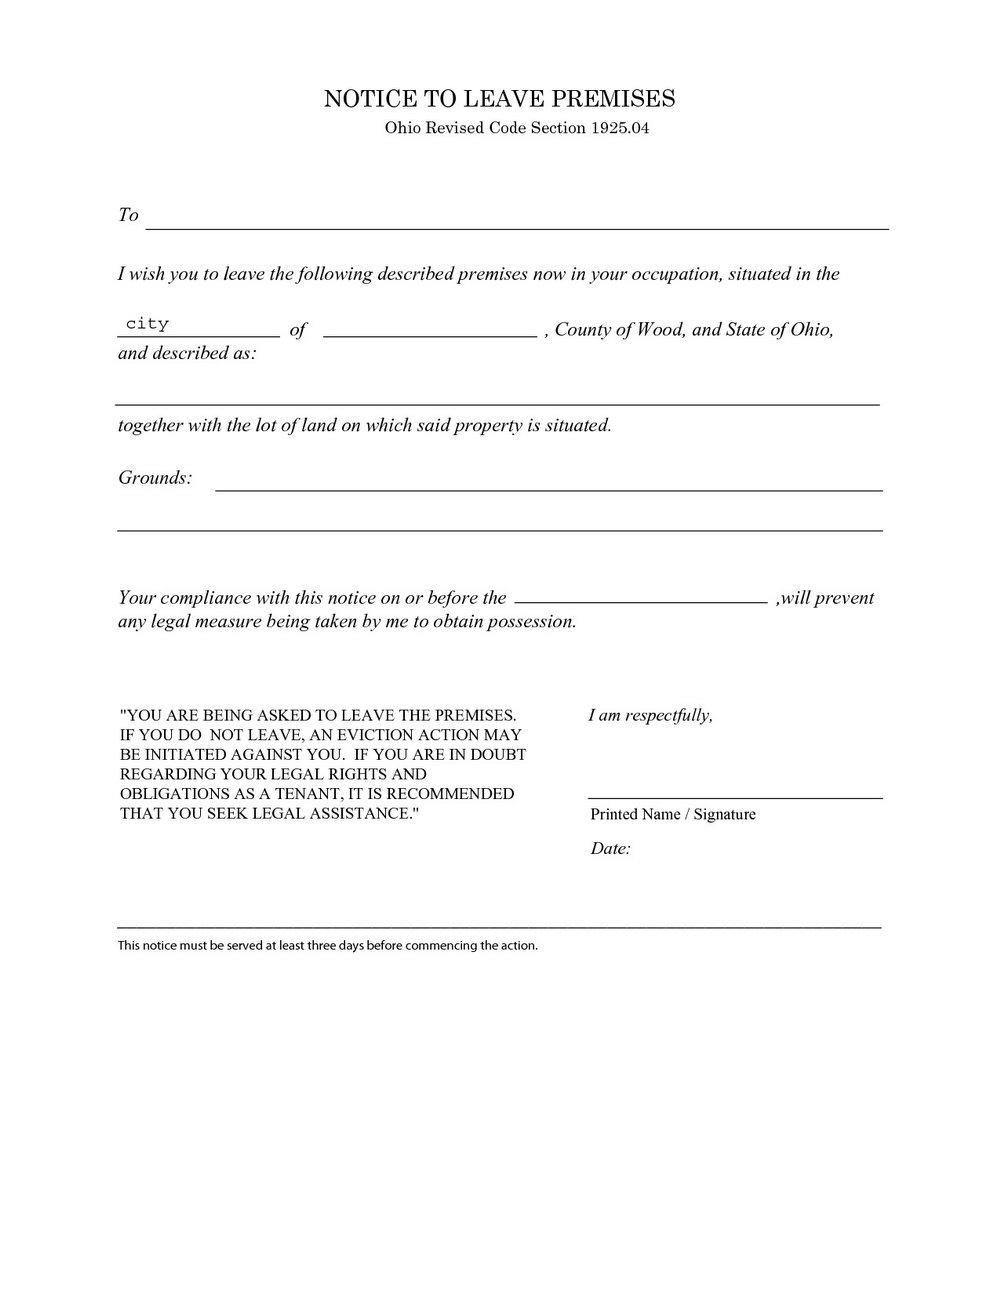 3 Day Eviction Notice Form Idaho